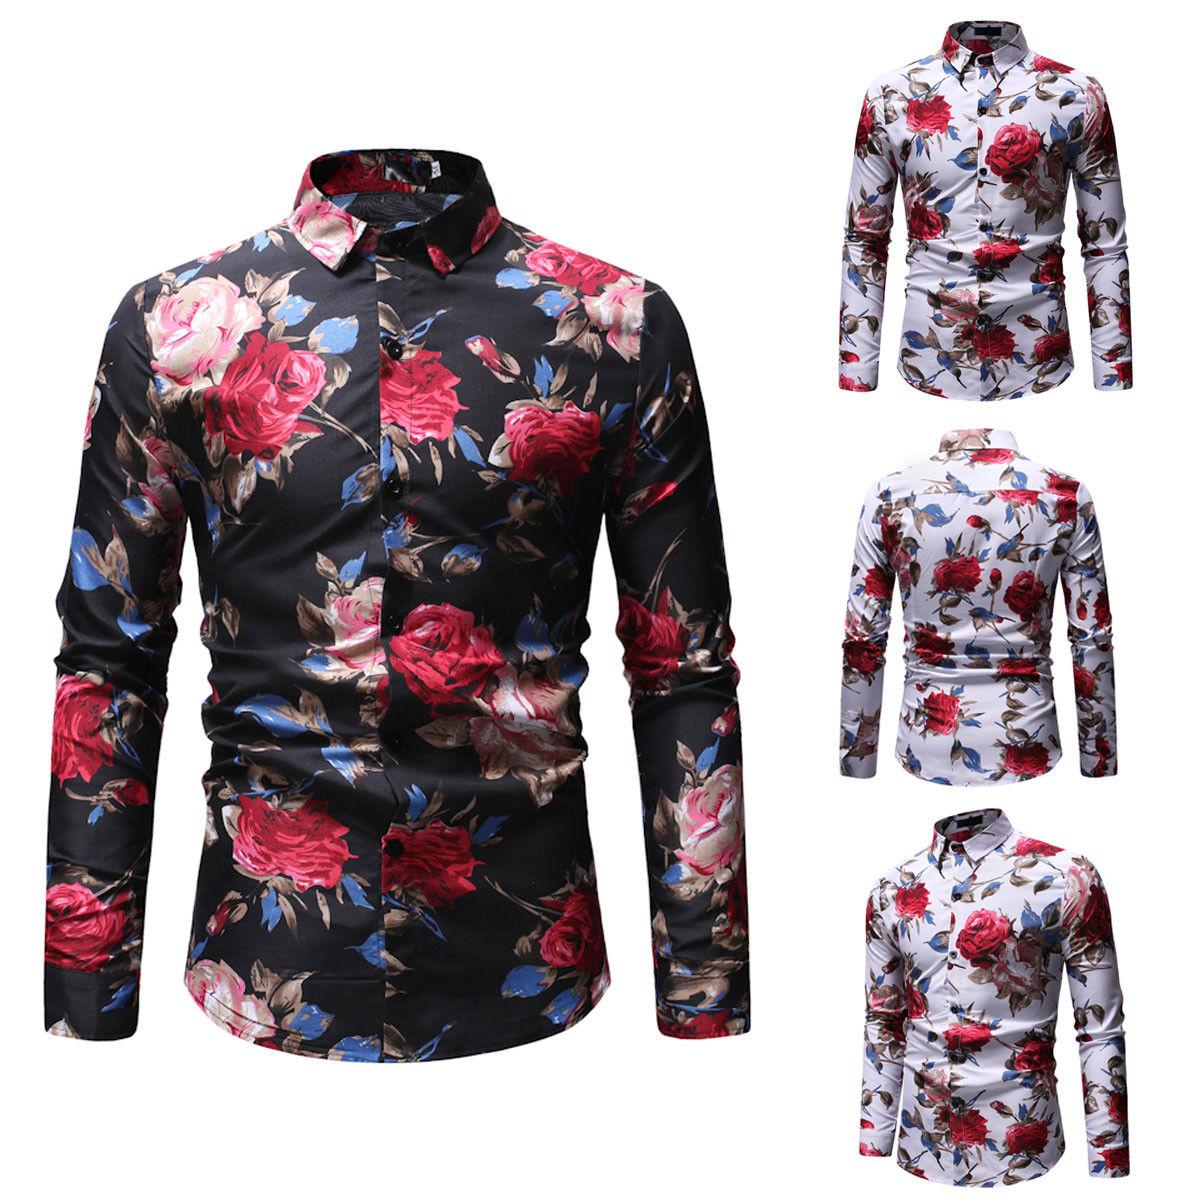 Urkutoba Fashion Mens Luxury Long Sleeve Shirt Casual Slim Fit